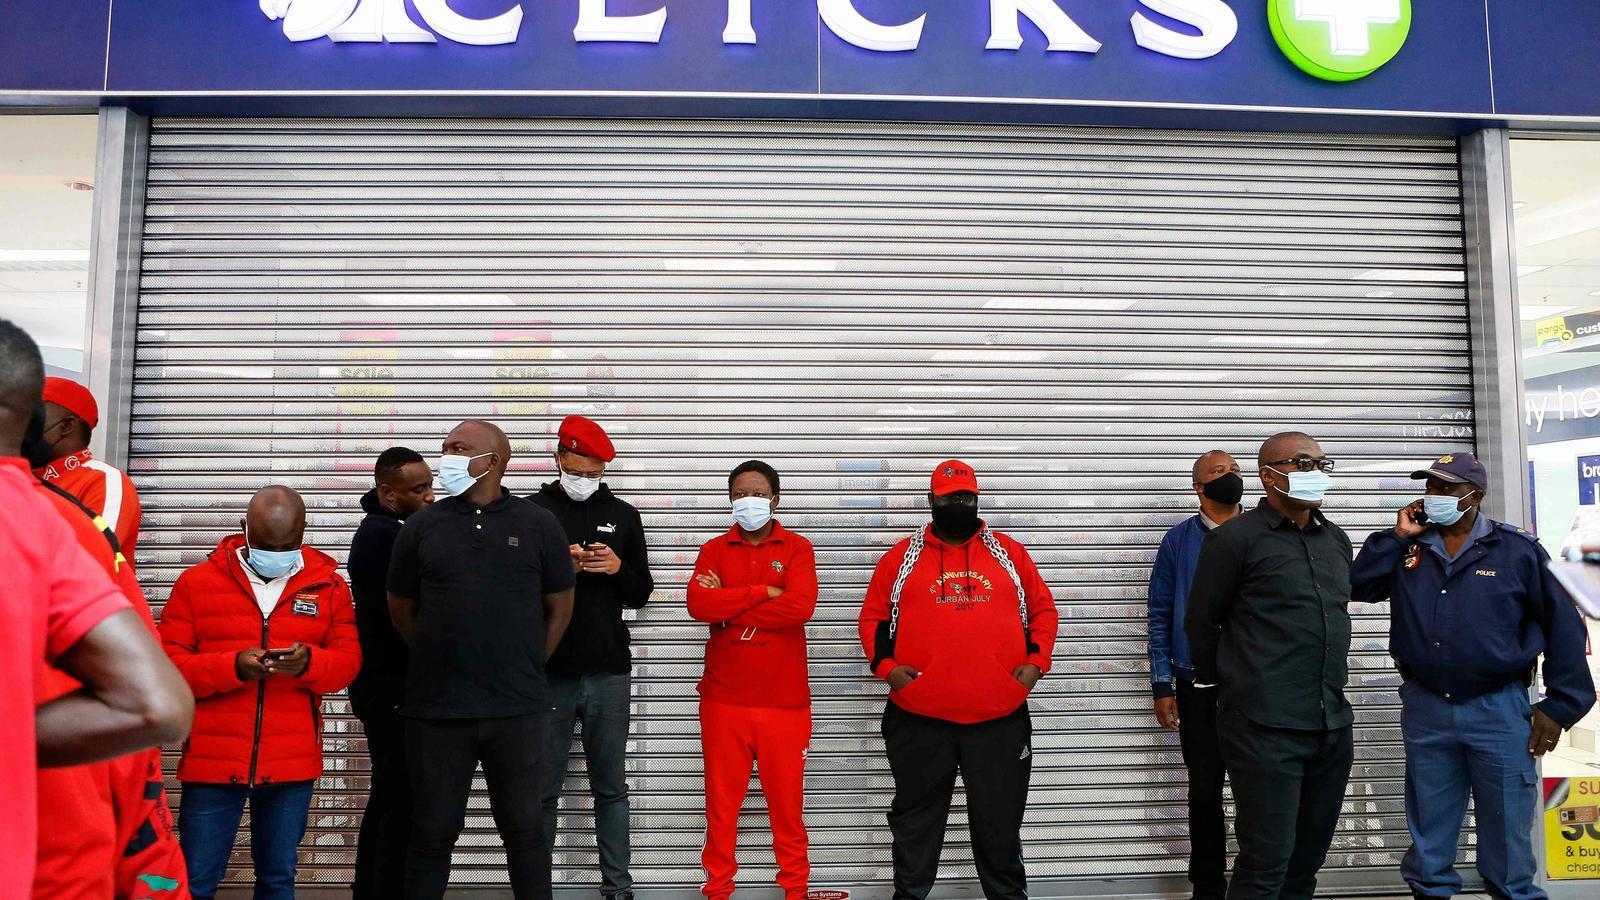 Militants del populista Lluitadors per la Llibertat Econòmica bloquejant una botiga de la cadena Clicks, a Polokowane